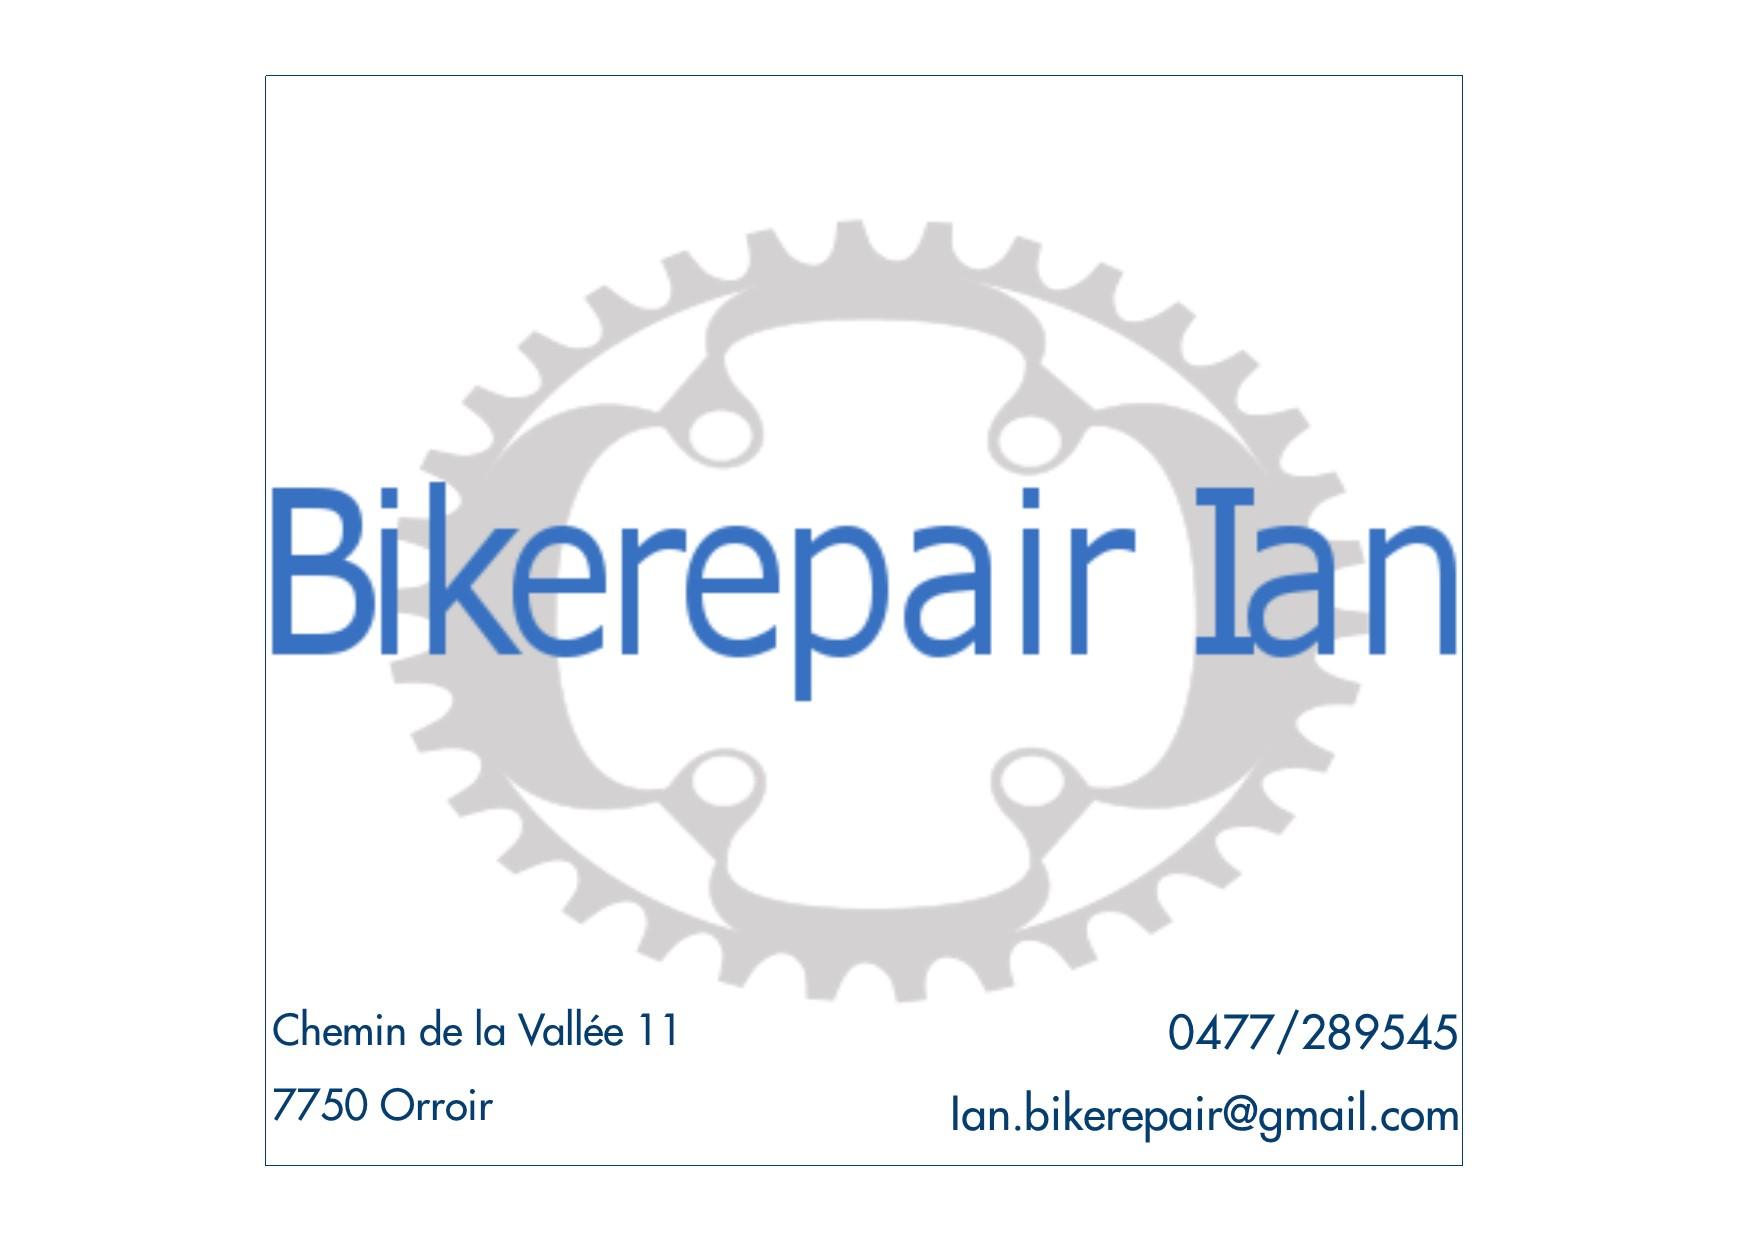 Bikerepair-Ian